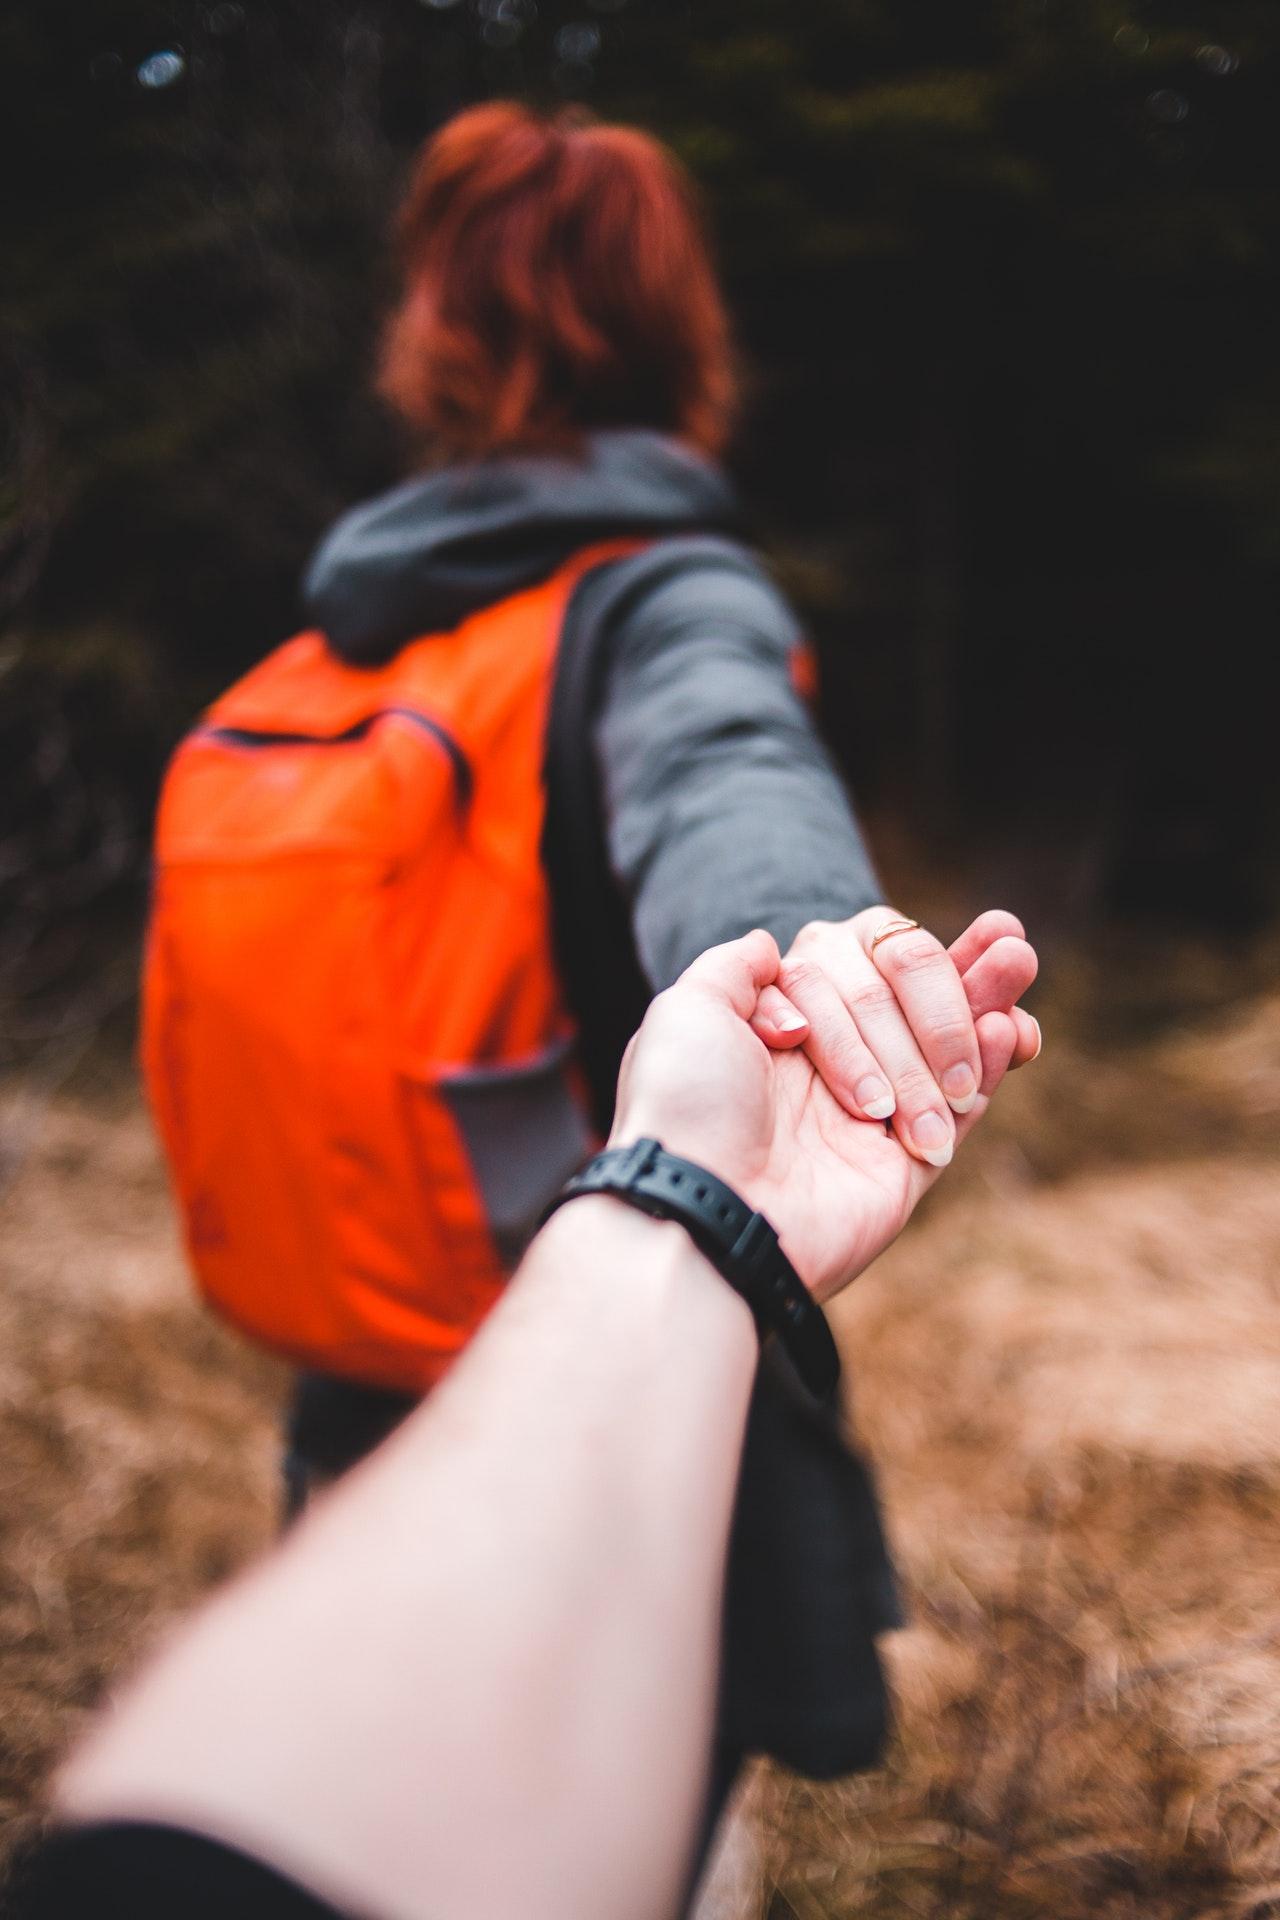 Aprende a confiar en el otro por mucho que te cueste.